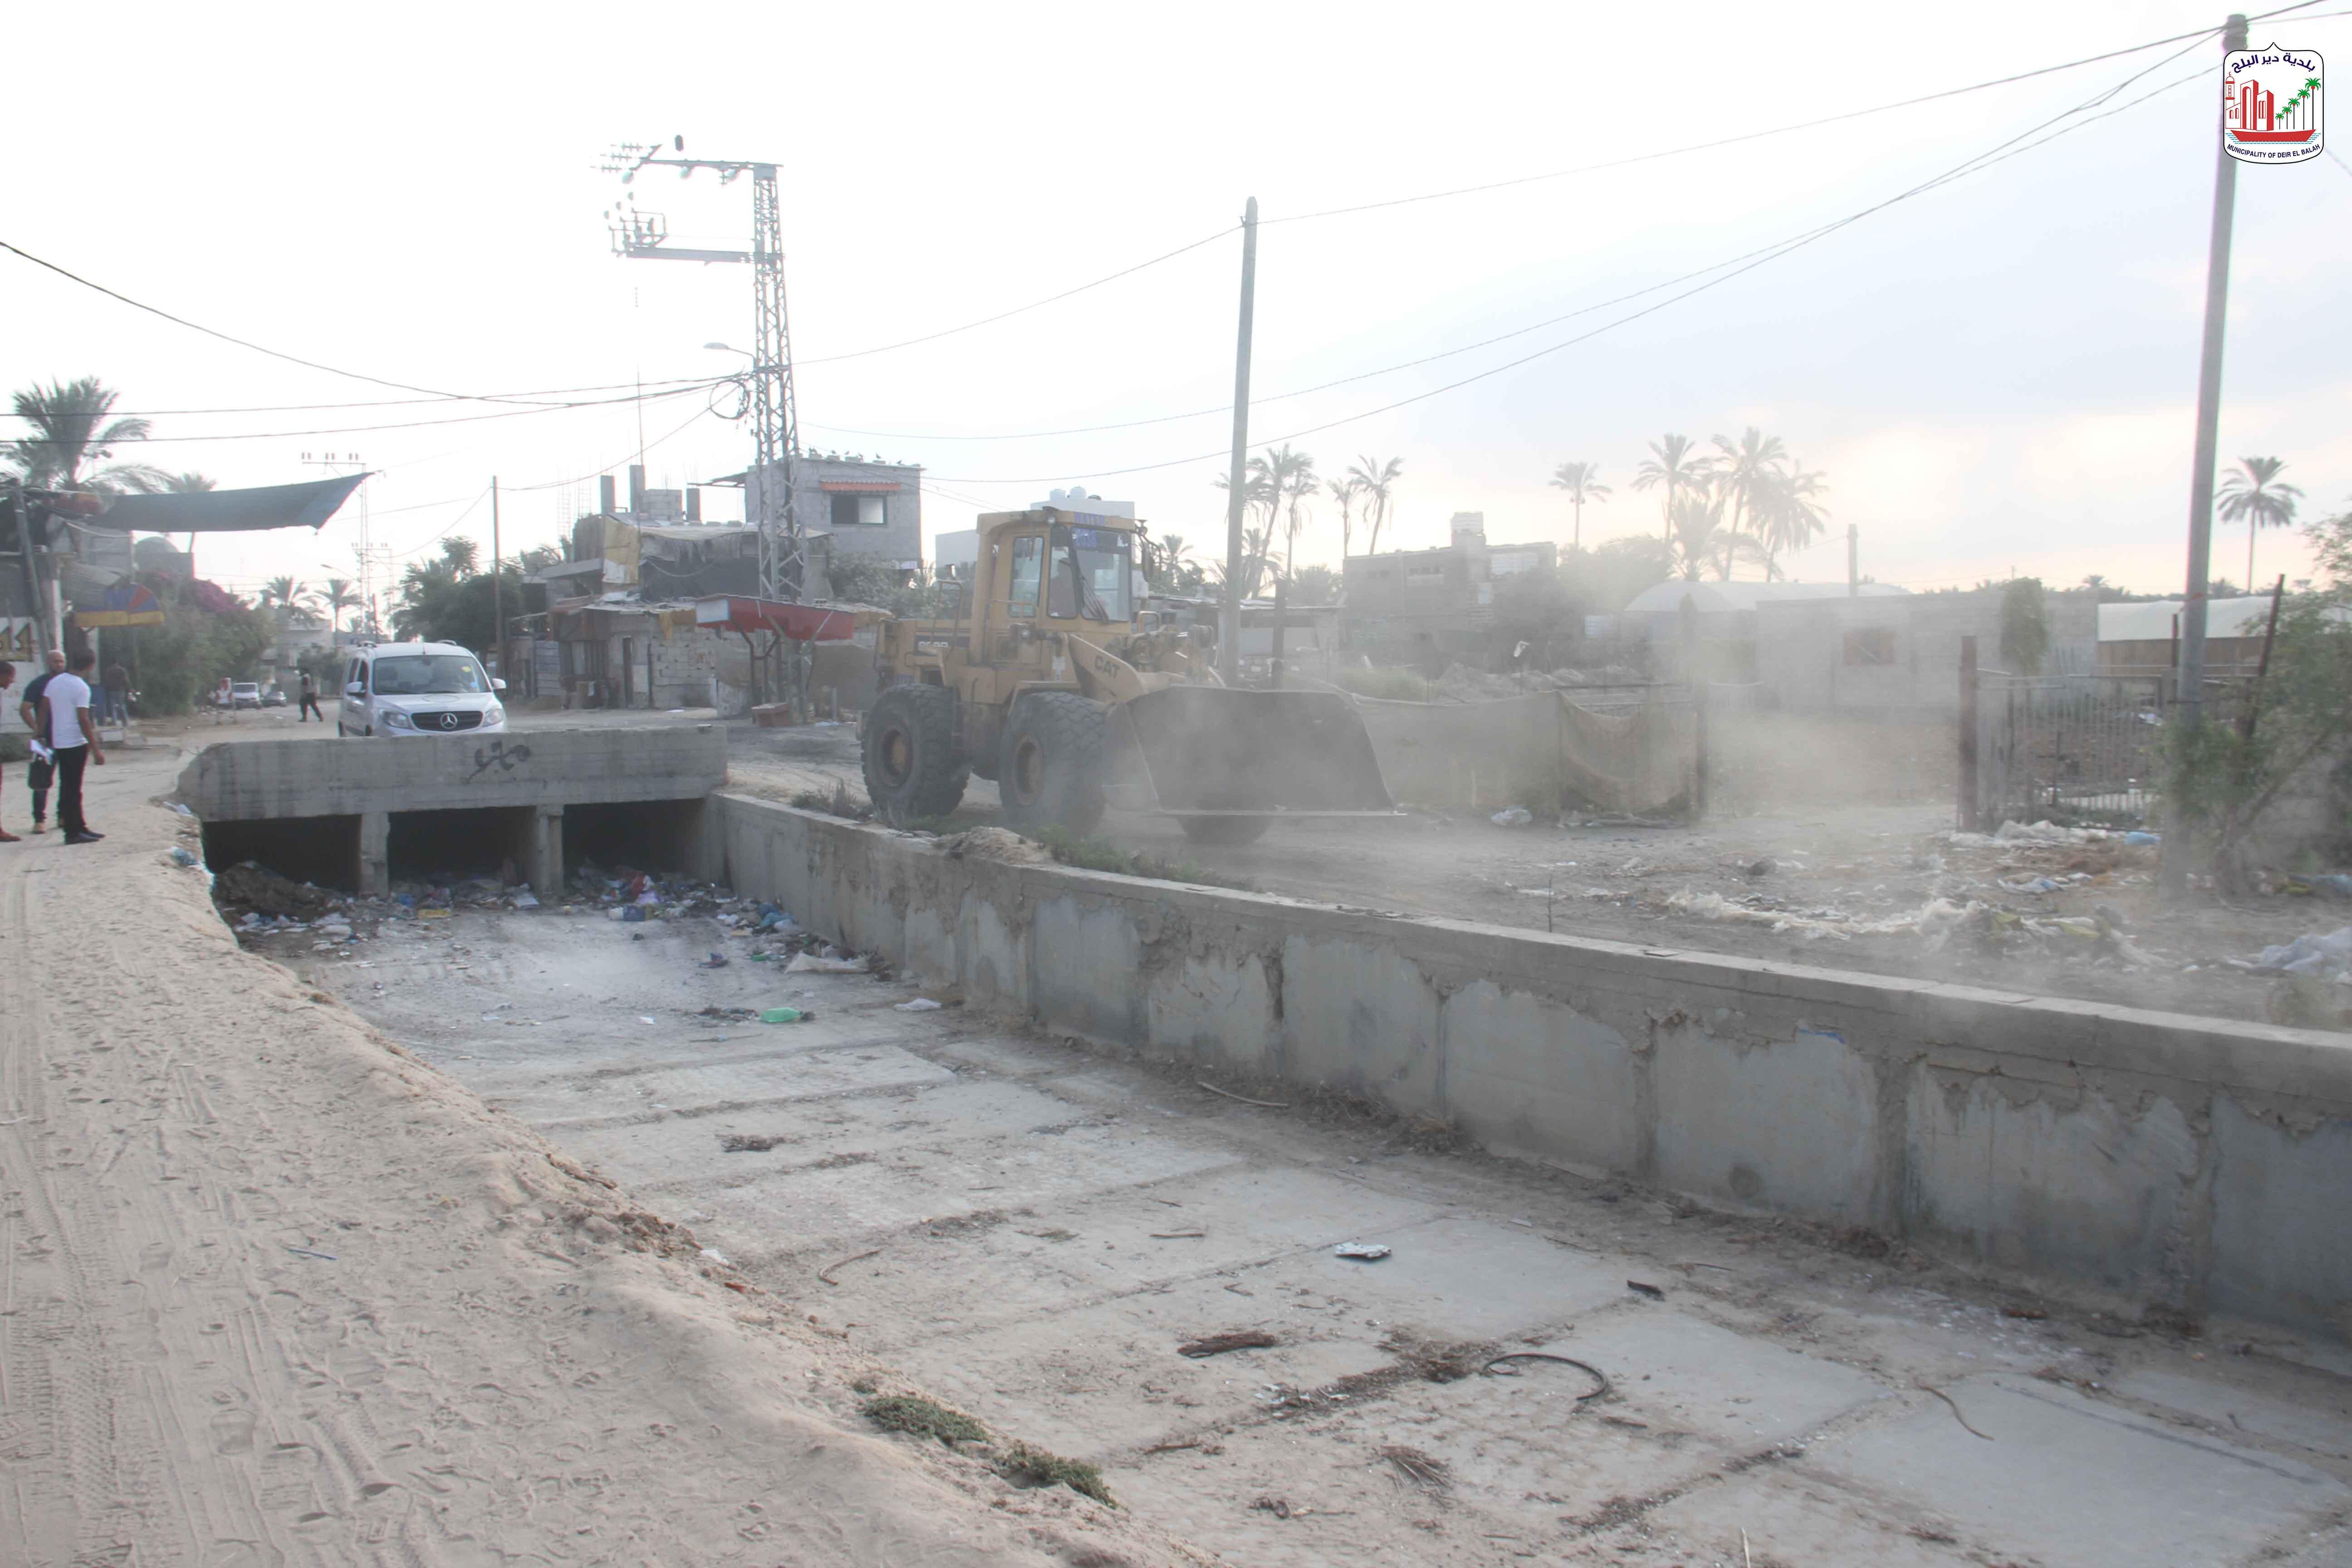 البلدية تقوم بحملة نظافة لمجرى وادي السلقا